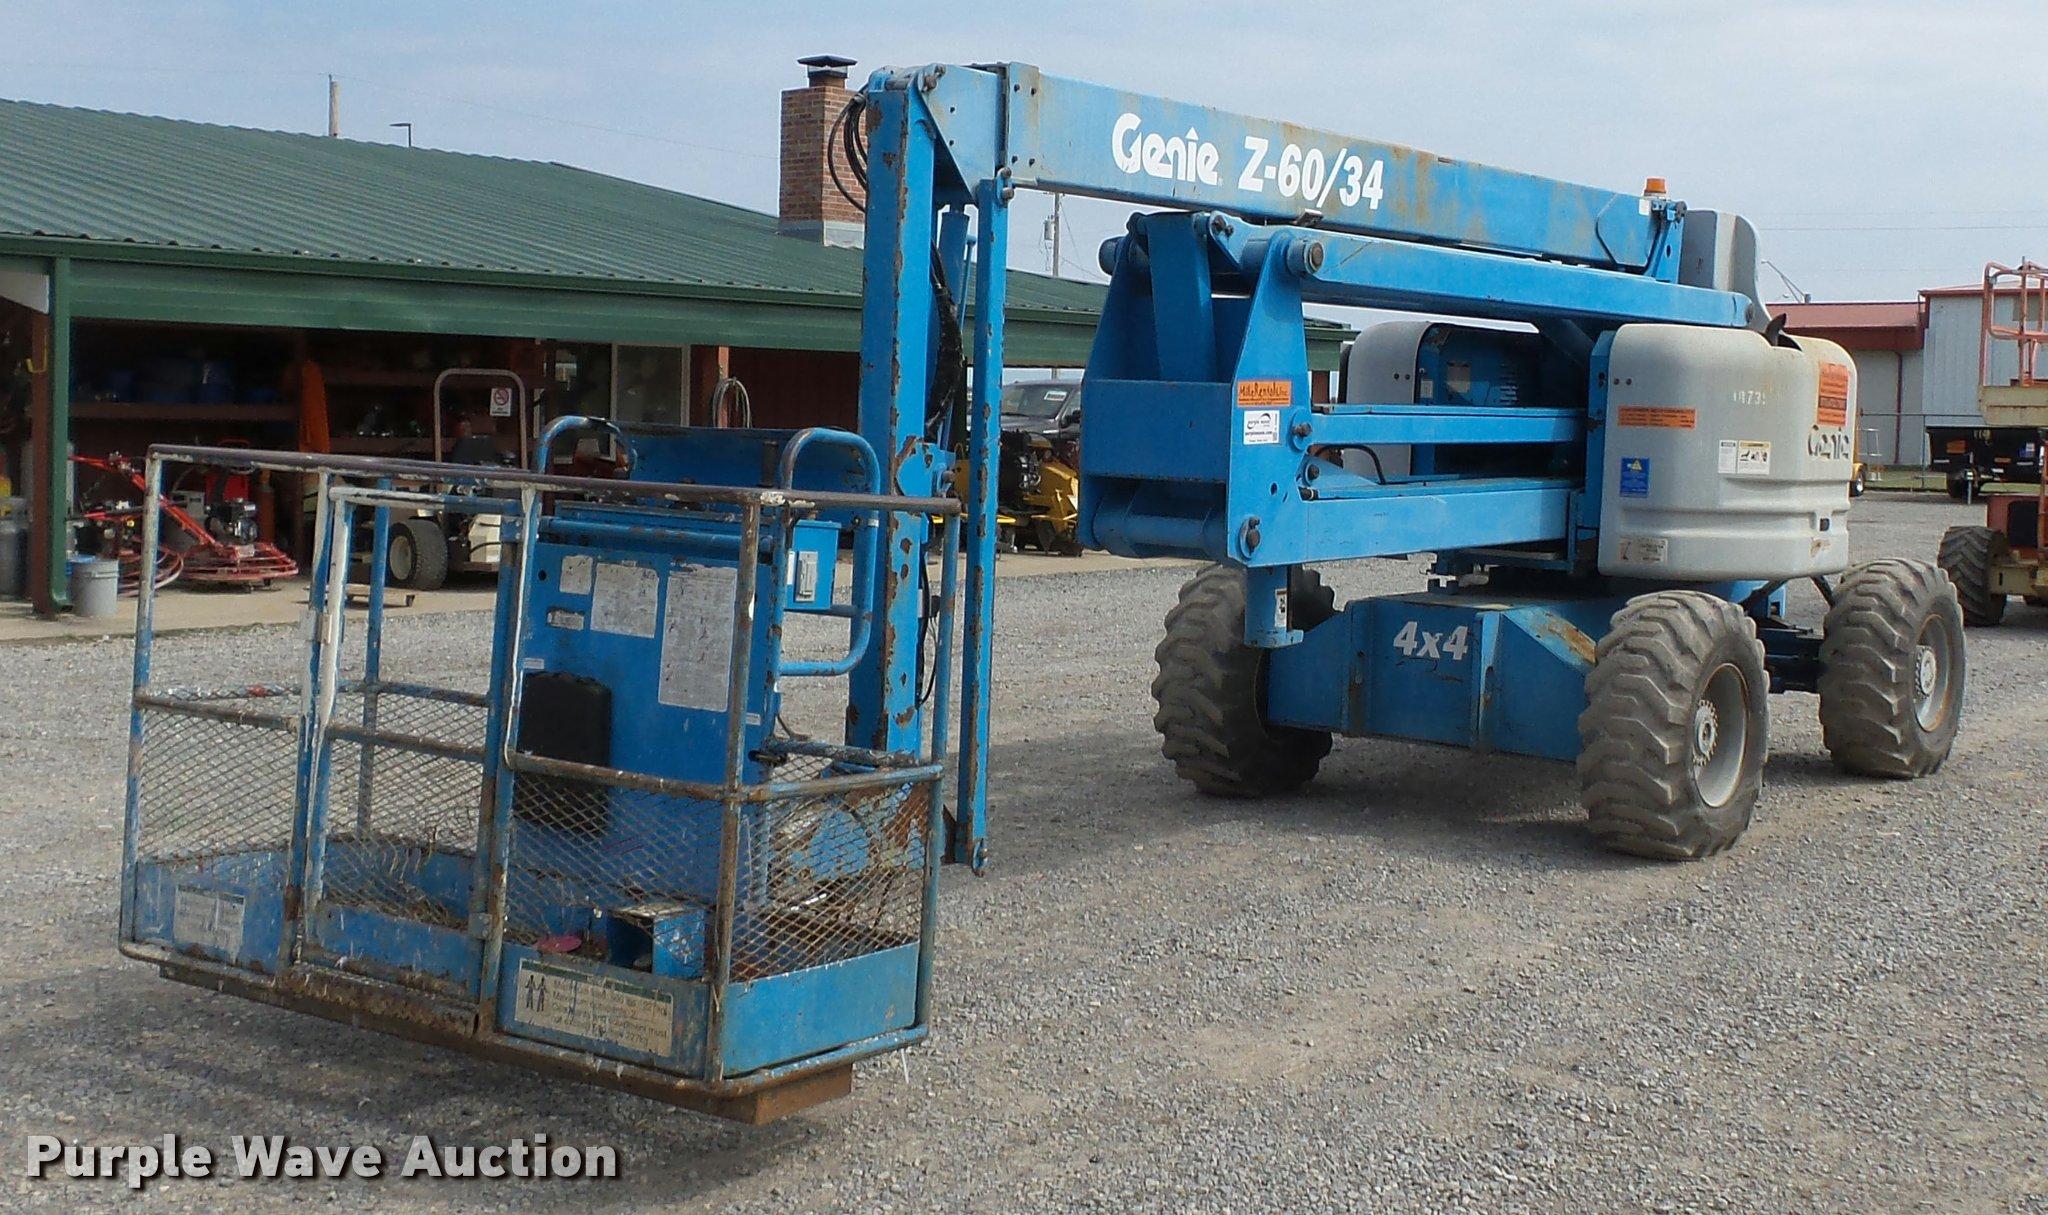 2000 genie z60 34 boom lift item k3306 sold april 27 co rh purplewave com Genie Z60 34 Maual JLG 800AJ